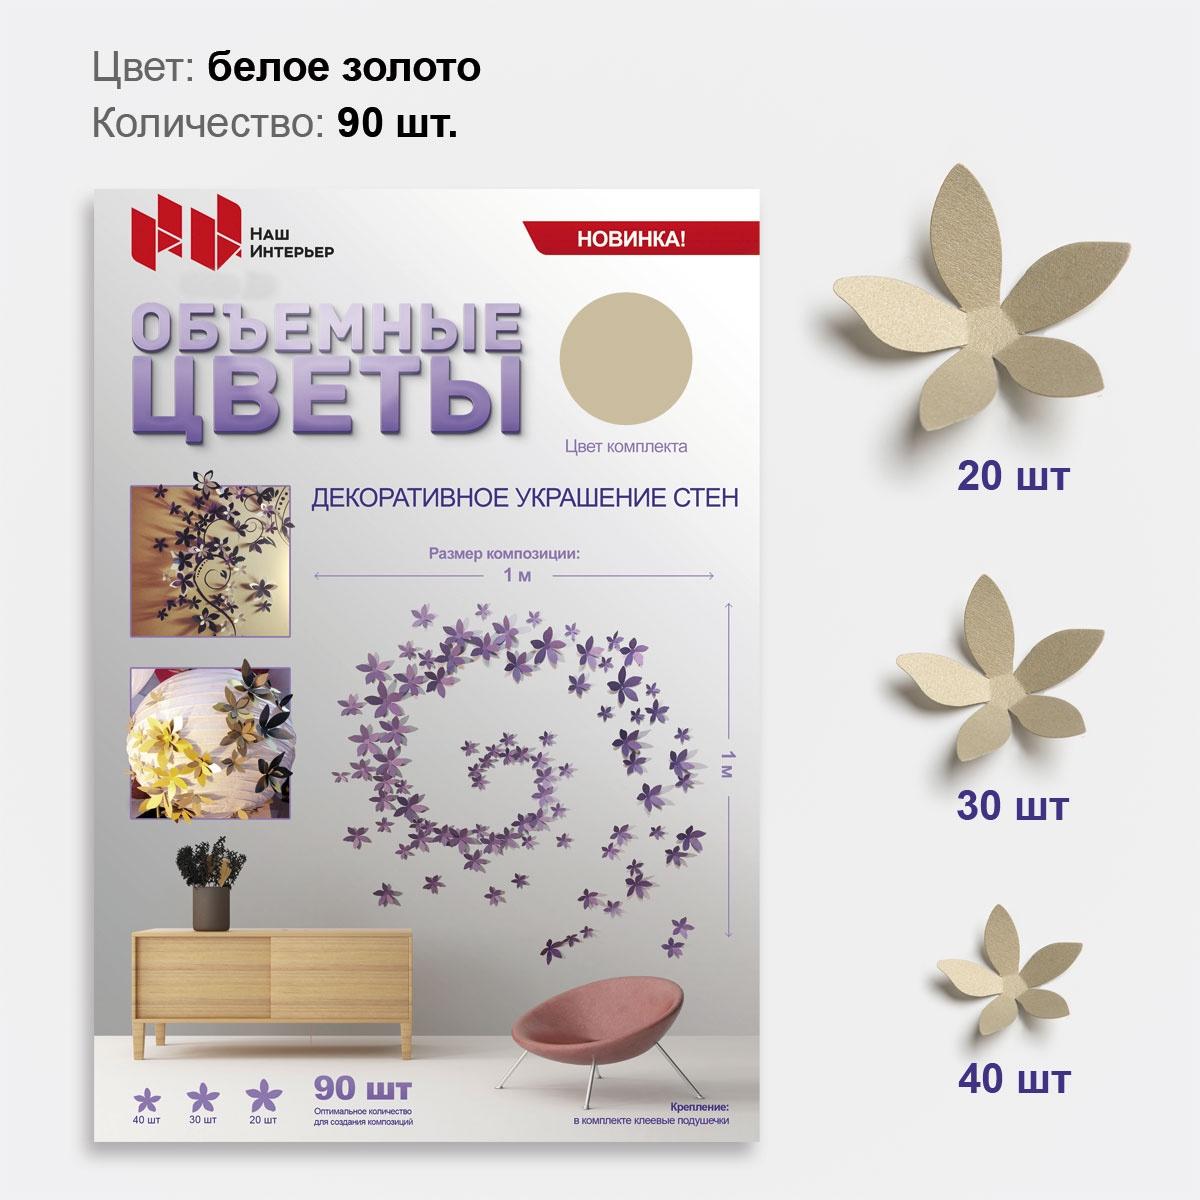 Дизайнерские цветы из бумаги, белое-золото, 90 шт. 3d декор бабочки из бумаги дизайнерские наш интерьер белое золото 96 шт 3d декор